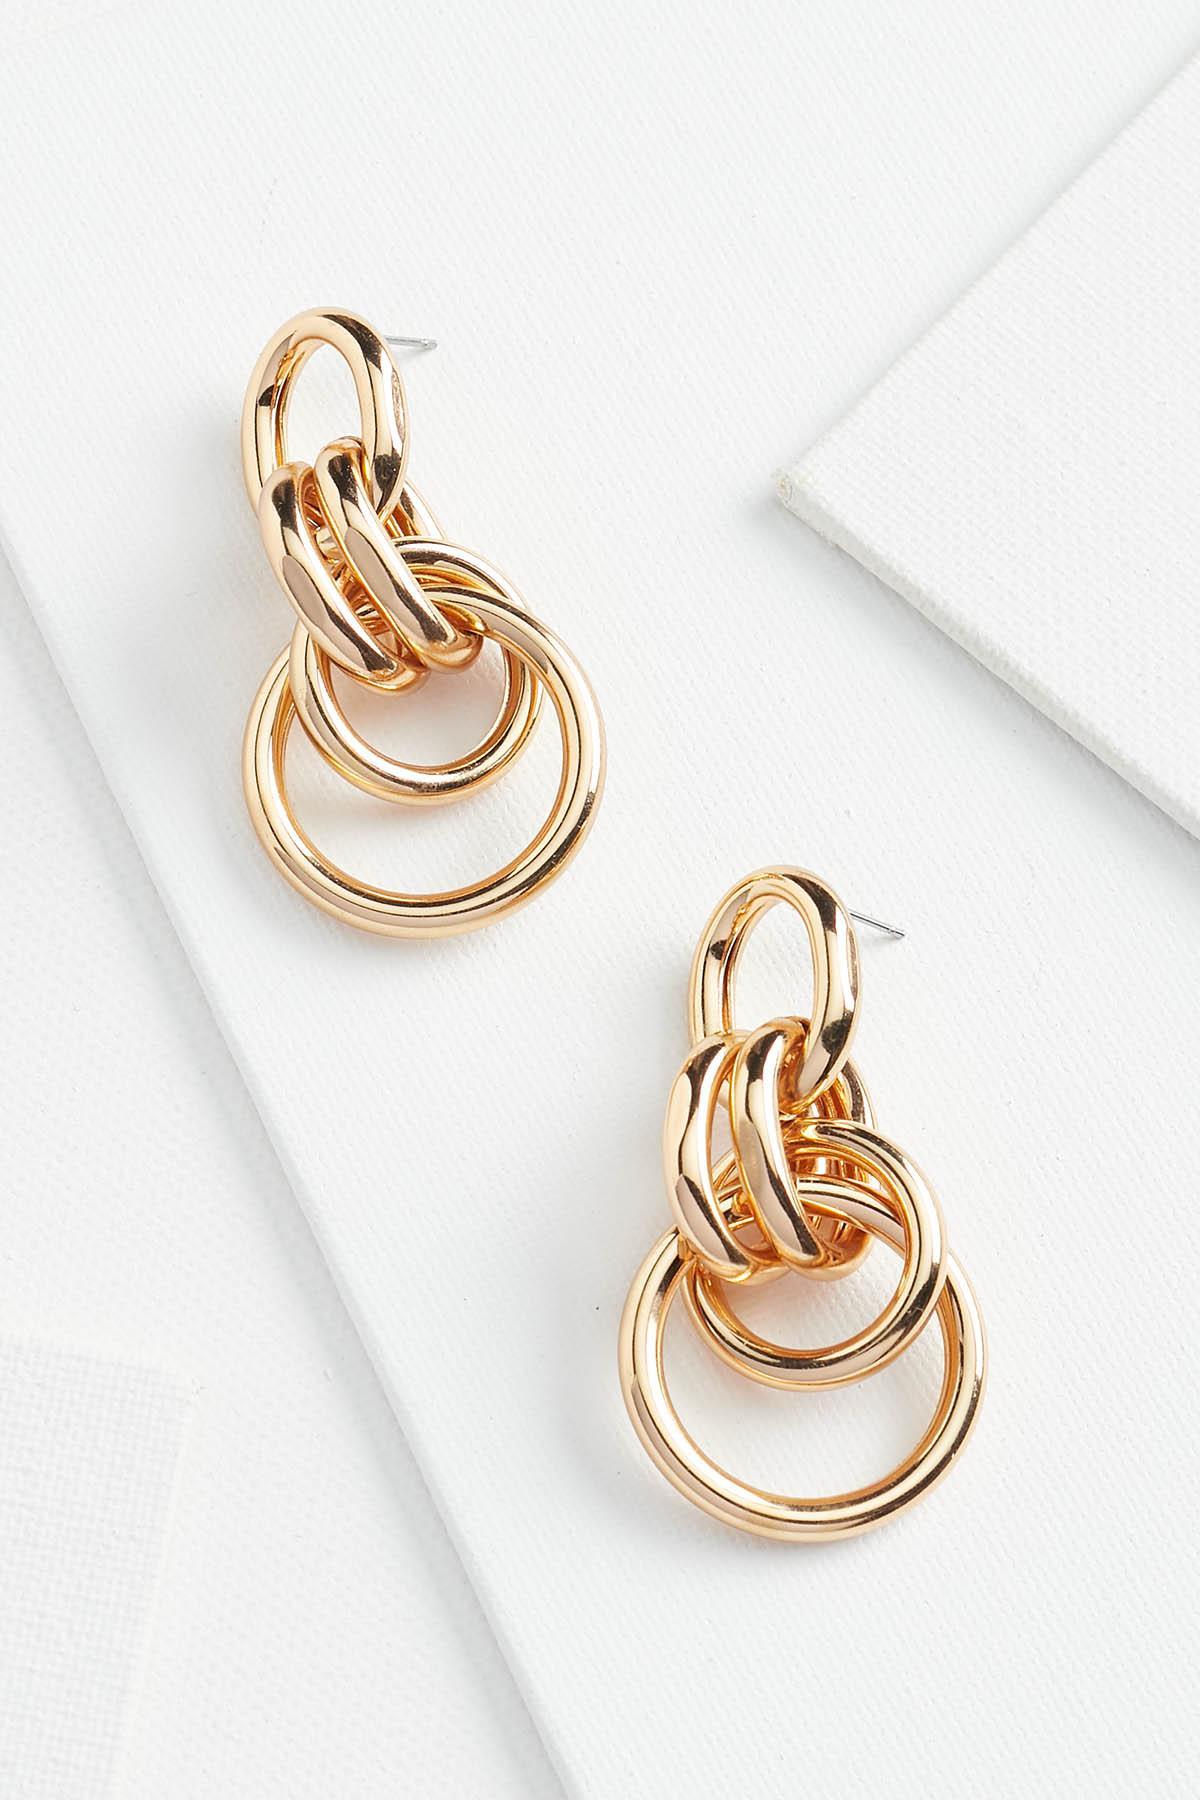 Statement Chain Earrings